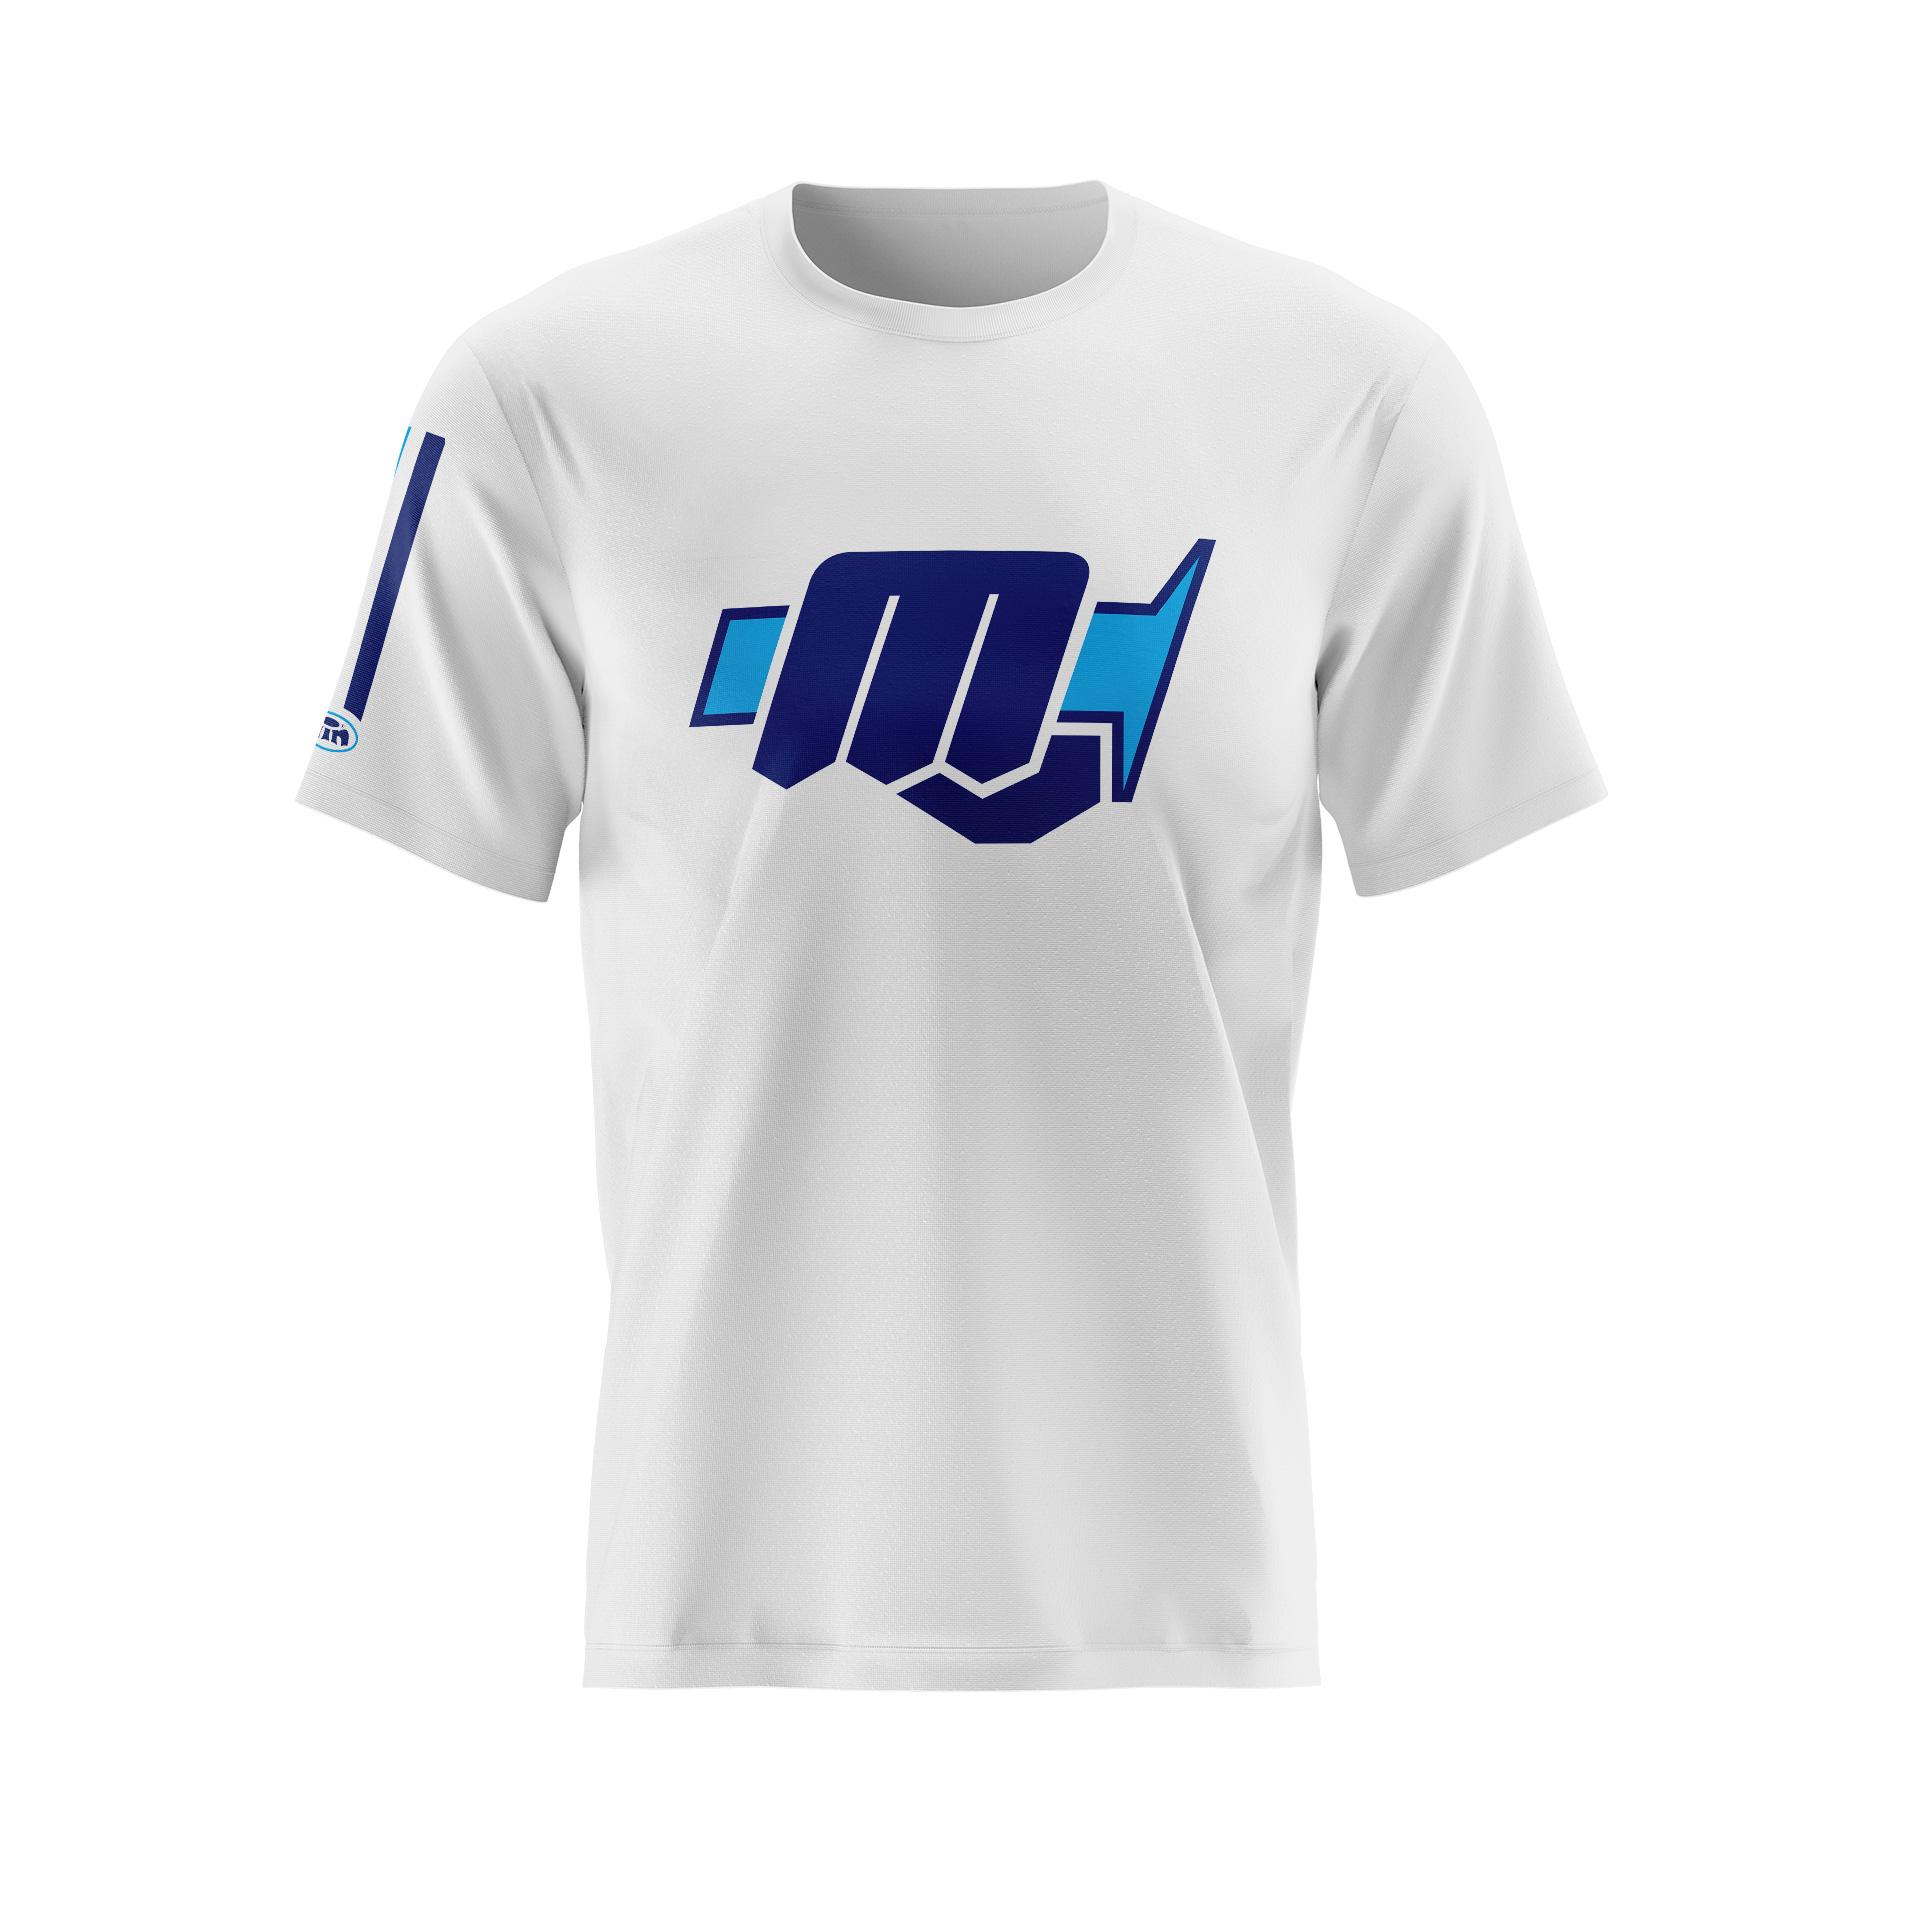 MXM Chest White - Blue